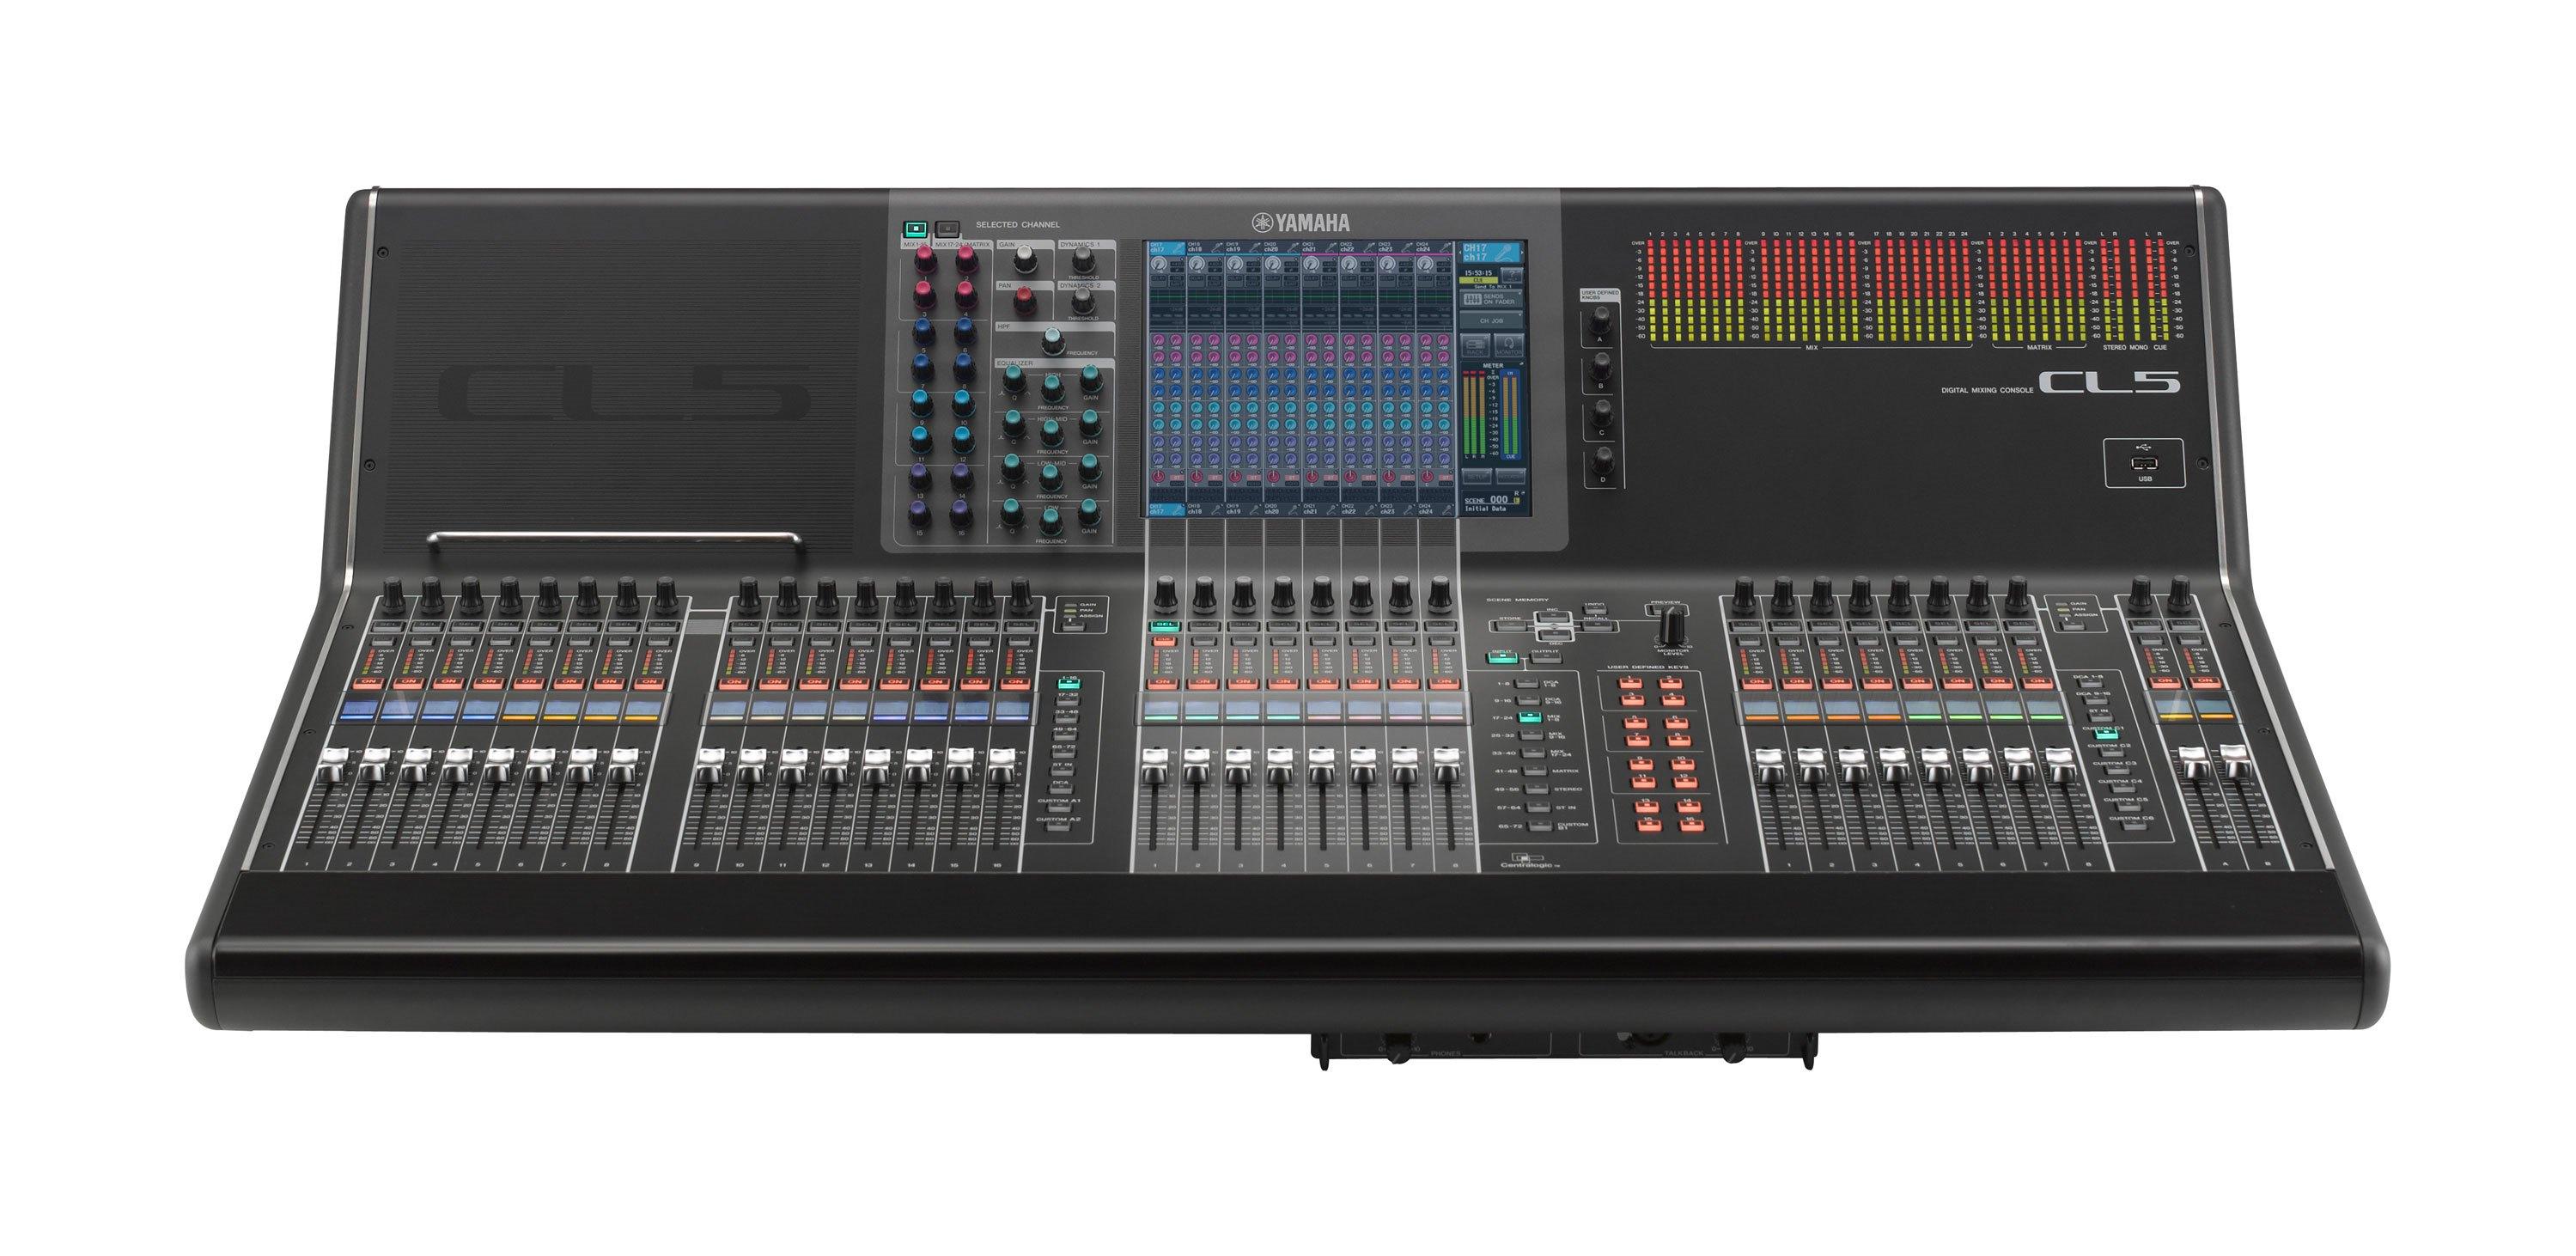 Digital Audio Mixer Hire Sydney : yamaha cl5 digital audio mixer audio visual events hire sydney ~ Russianpoet.info Haus und Dekorationen